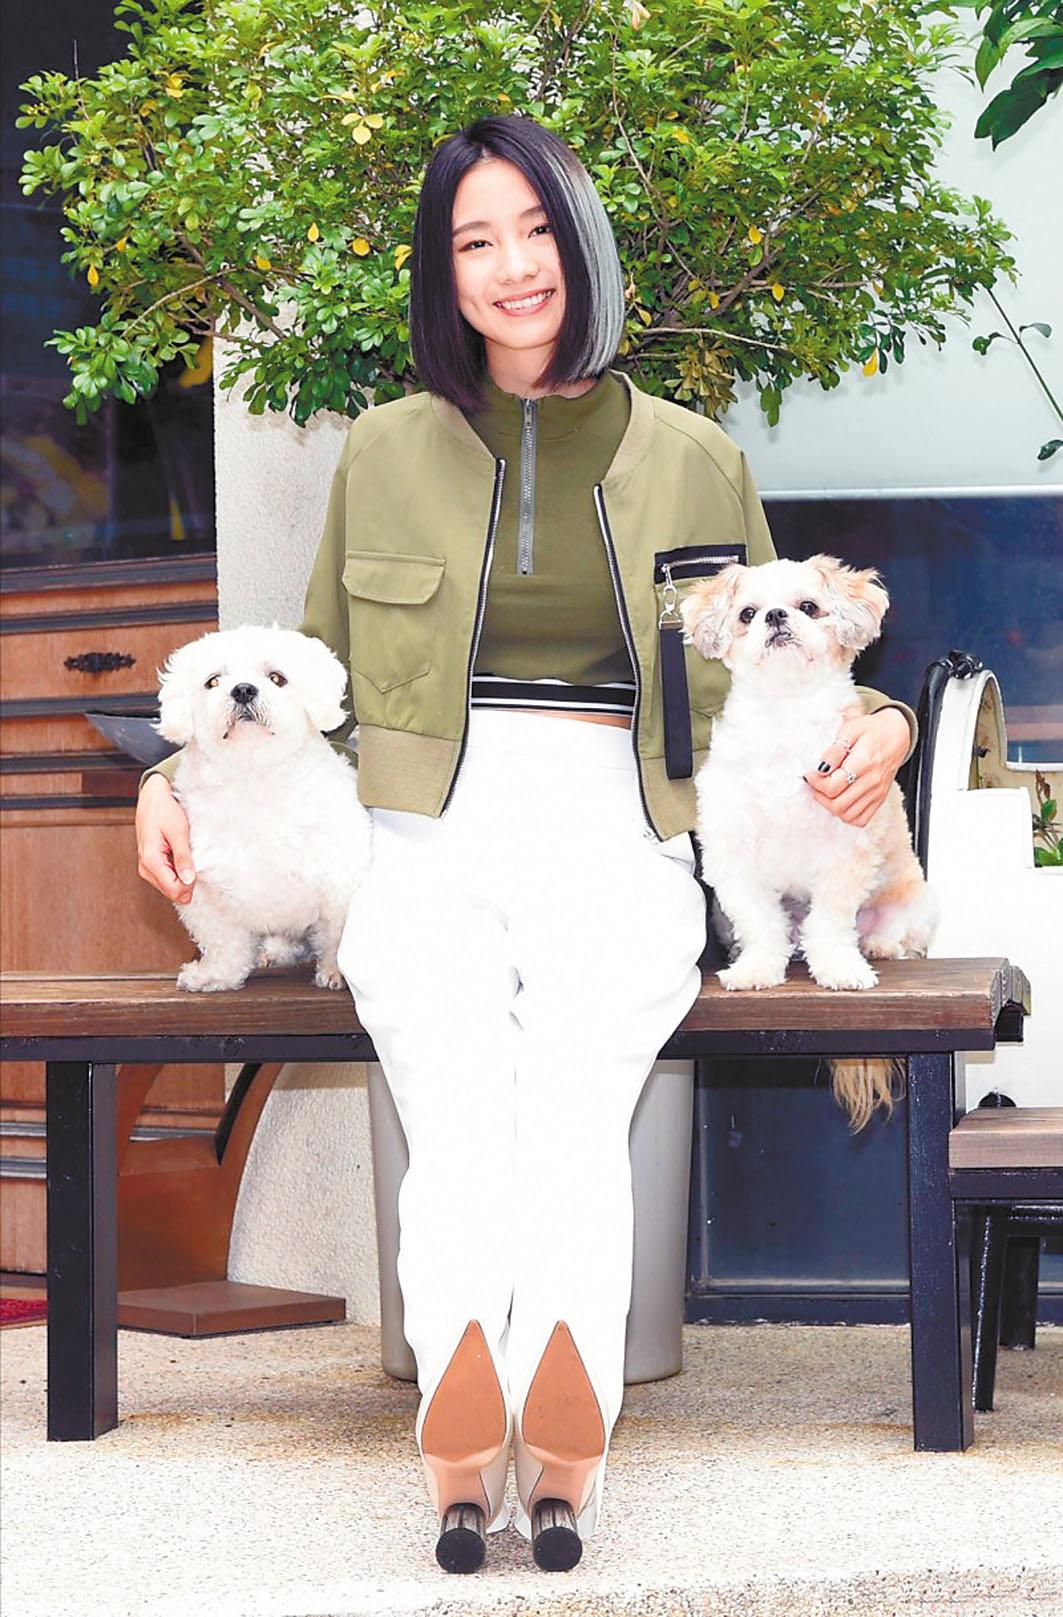 新人歌手陳忻玥養了兩隻西施犬「麻糬」及「QQ」,她對牠們疼愛有加。 網上圖片